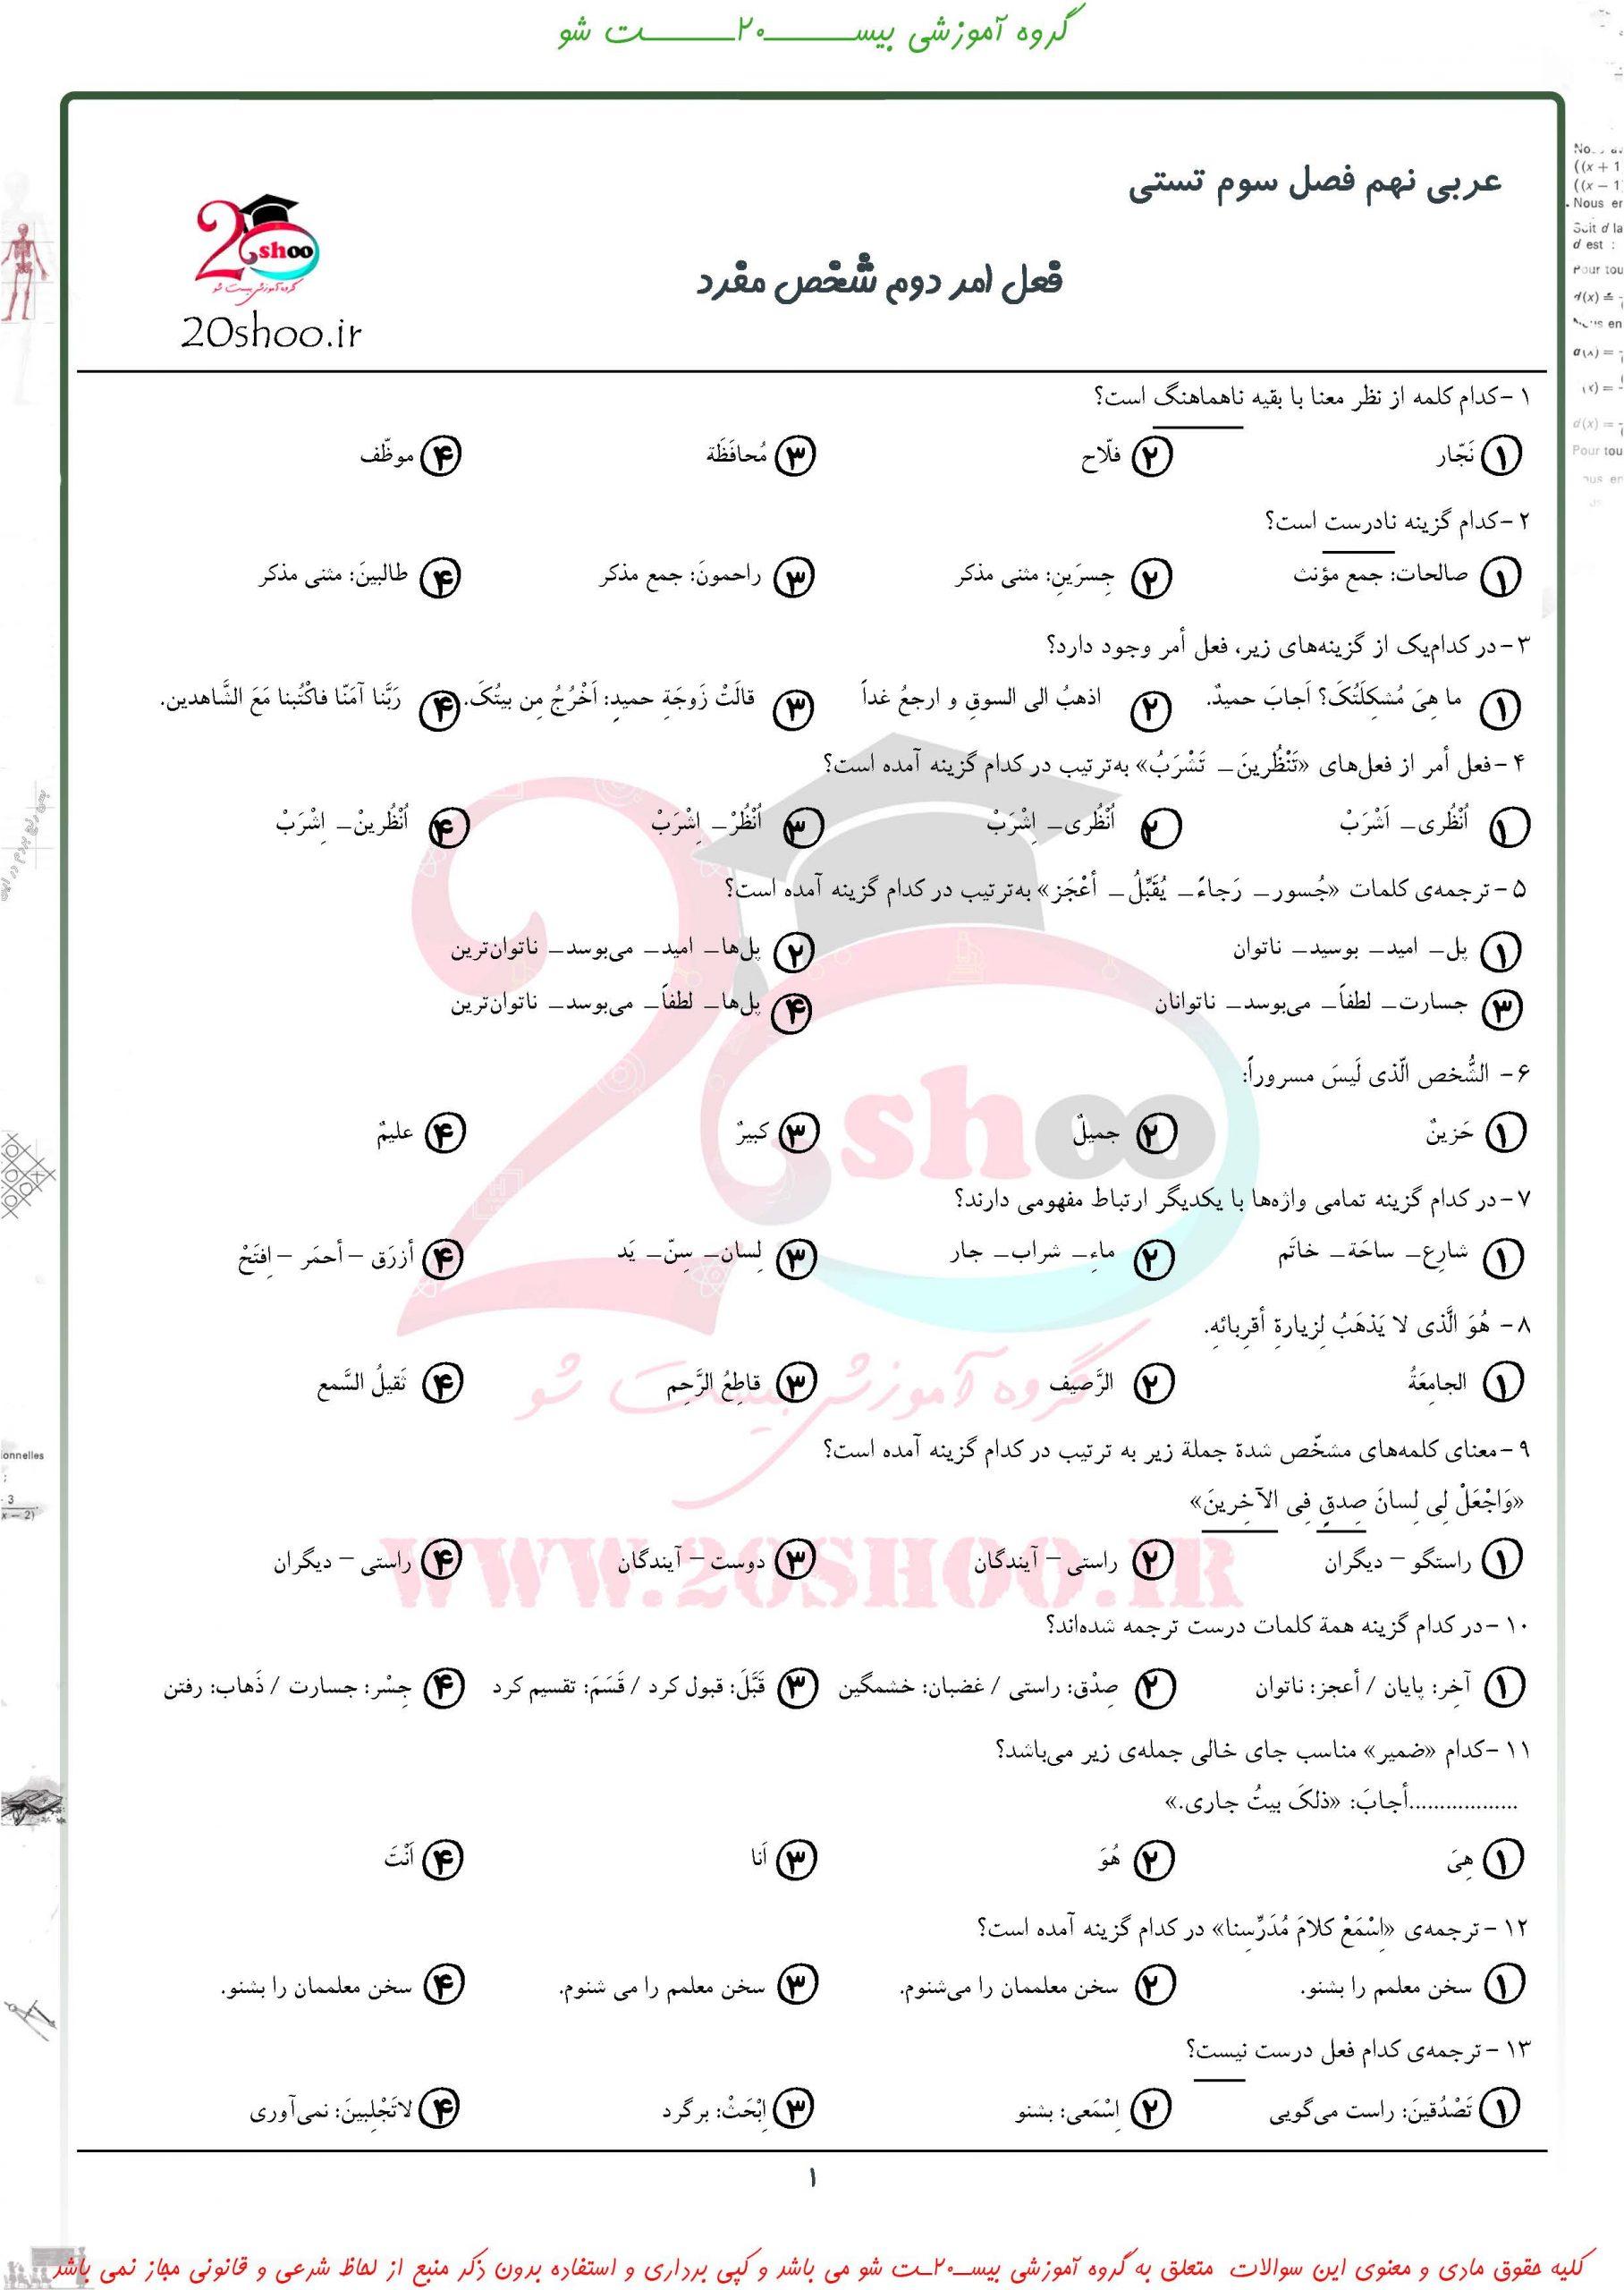 سوالات تستی عربی نهم فصل سوم با جواب